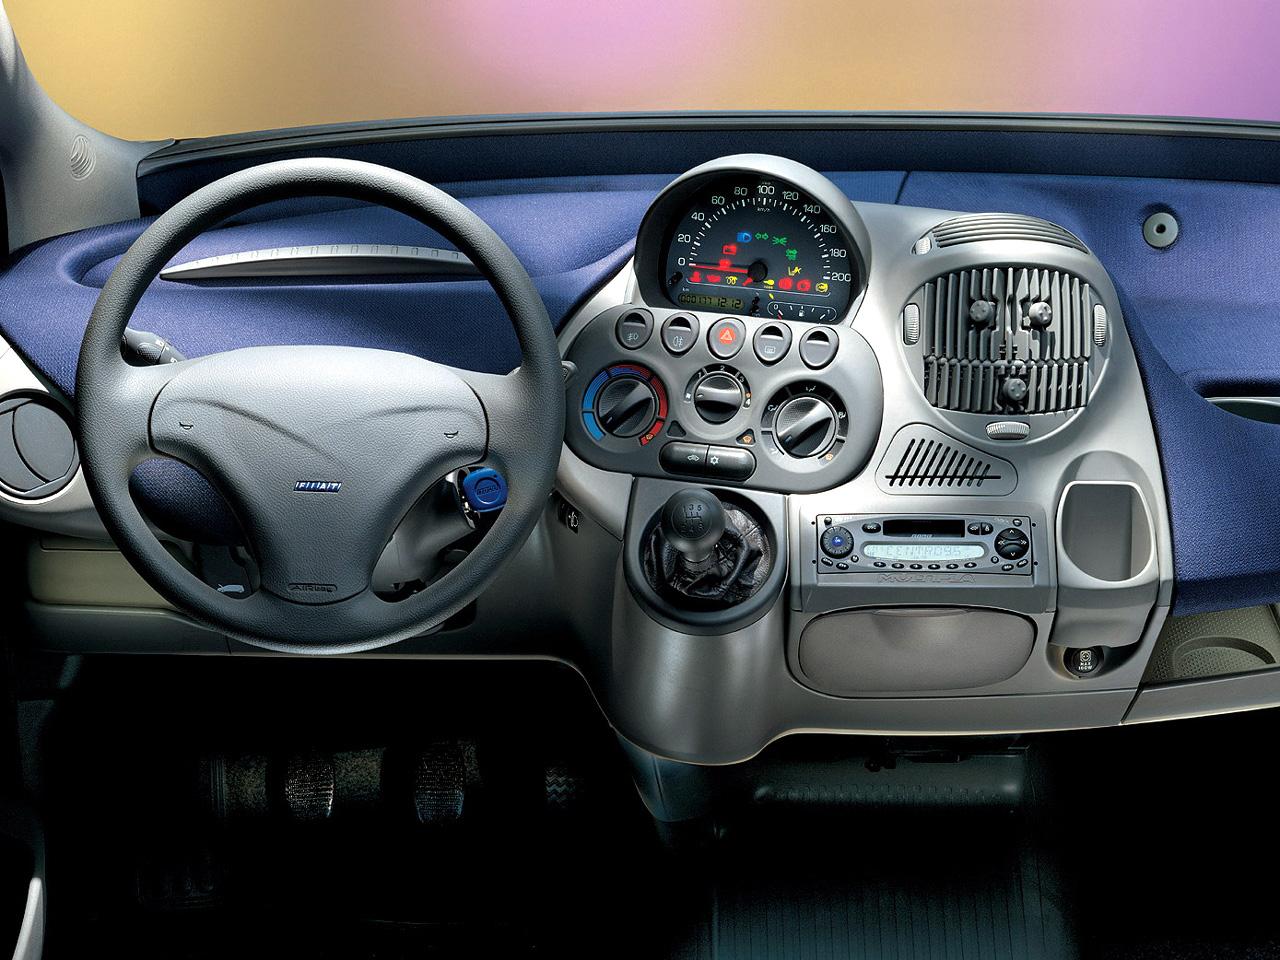 Takeyoshi Images Car Instrument Panels